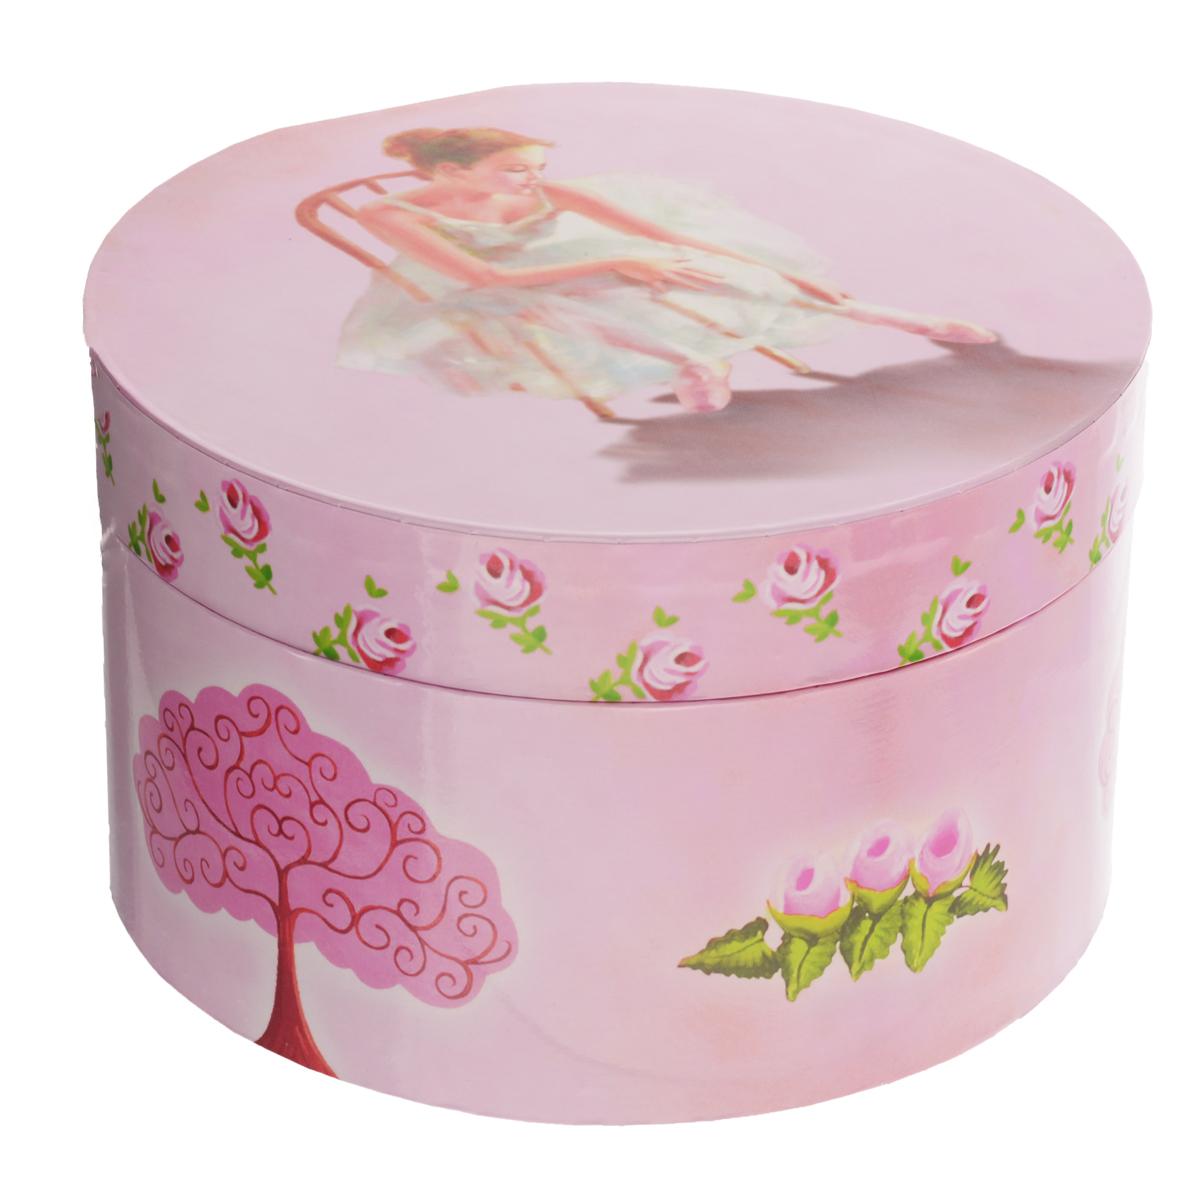 Музыкальная шкатулка Jakos  Балерина на стуле , круглая, цвет: розовый -  Детская комната